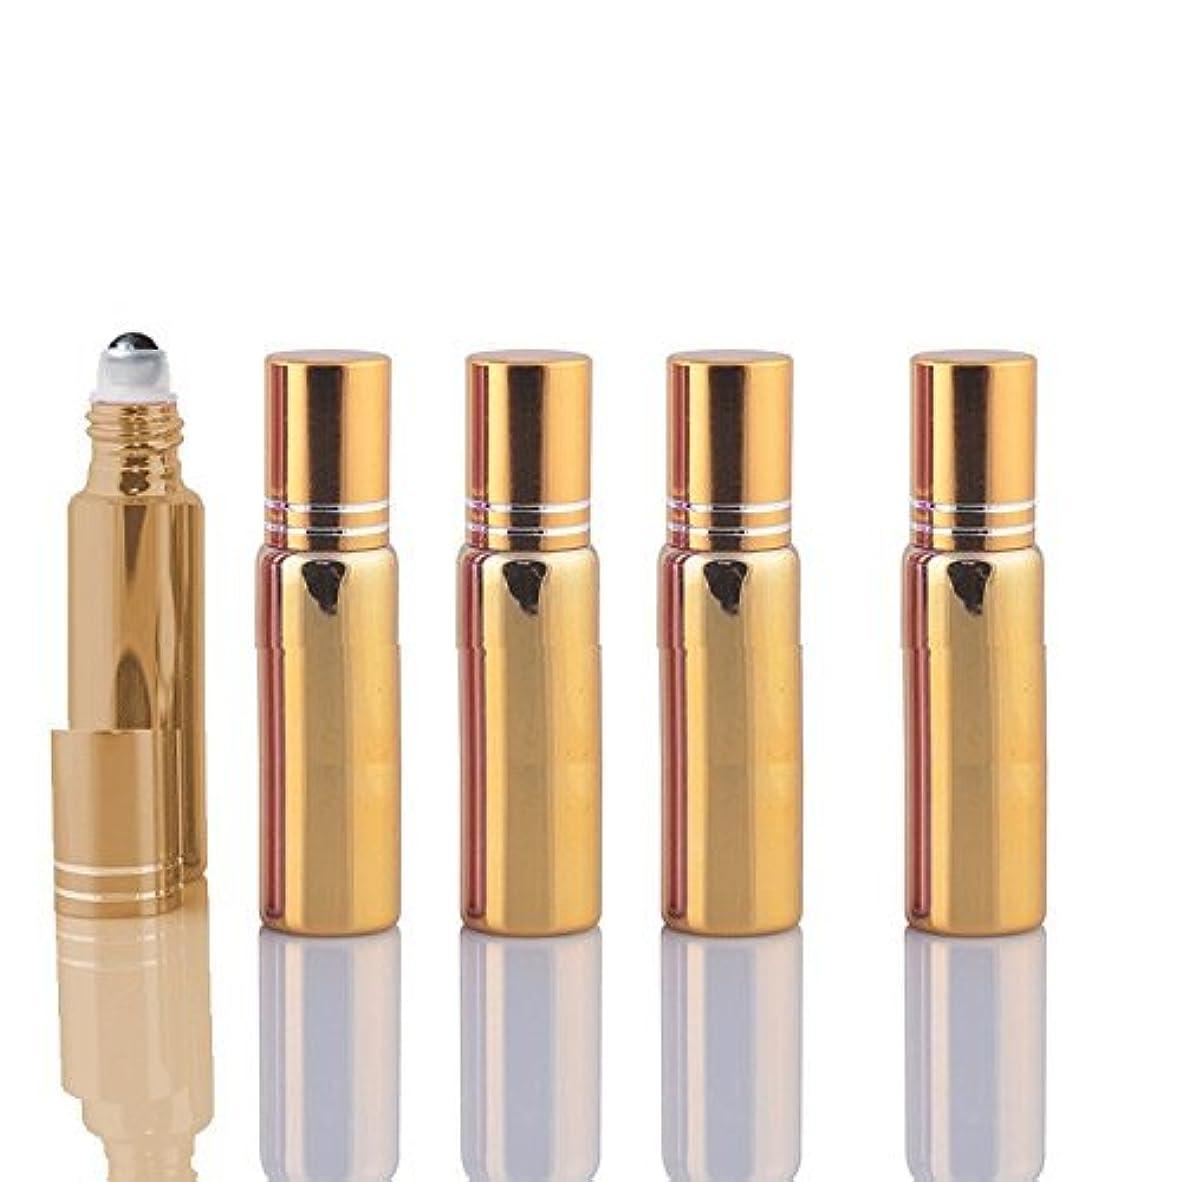 肉腫不定政権10 Sets Colored 5ml UV Coated Glass Roller Ball Refillable Rollon Bottles Grand Parfums with Stainless Steel Rollers for Essential Oil, Serums, Fragrance (Gold) [並行輸入品]